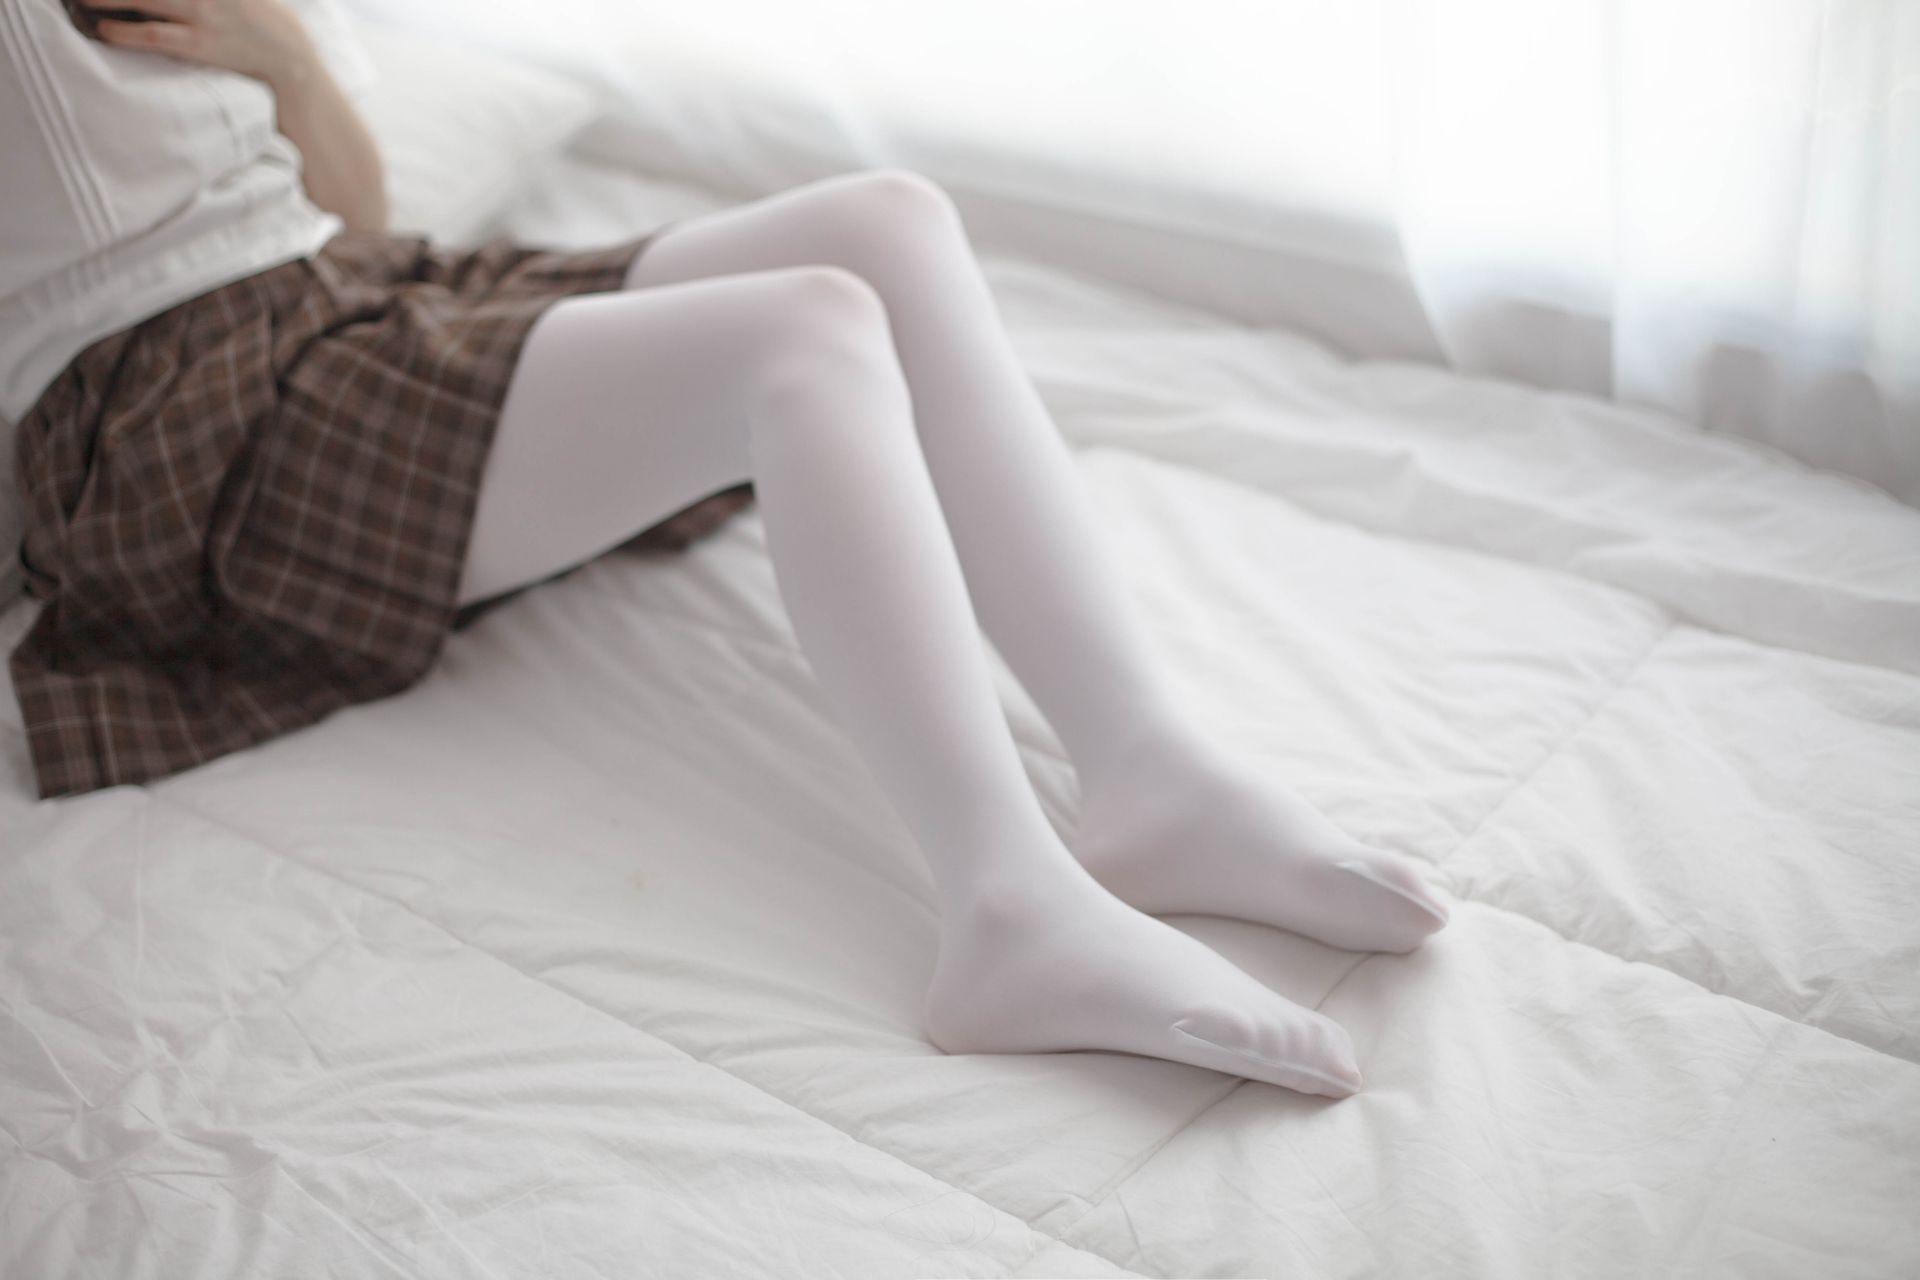 少女秩序 VOL.007 格子短裙的诱惑 兔玩映画 第4张